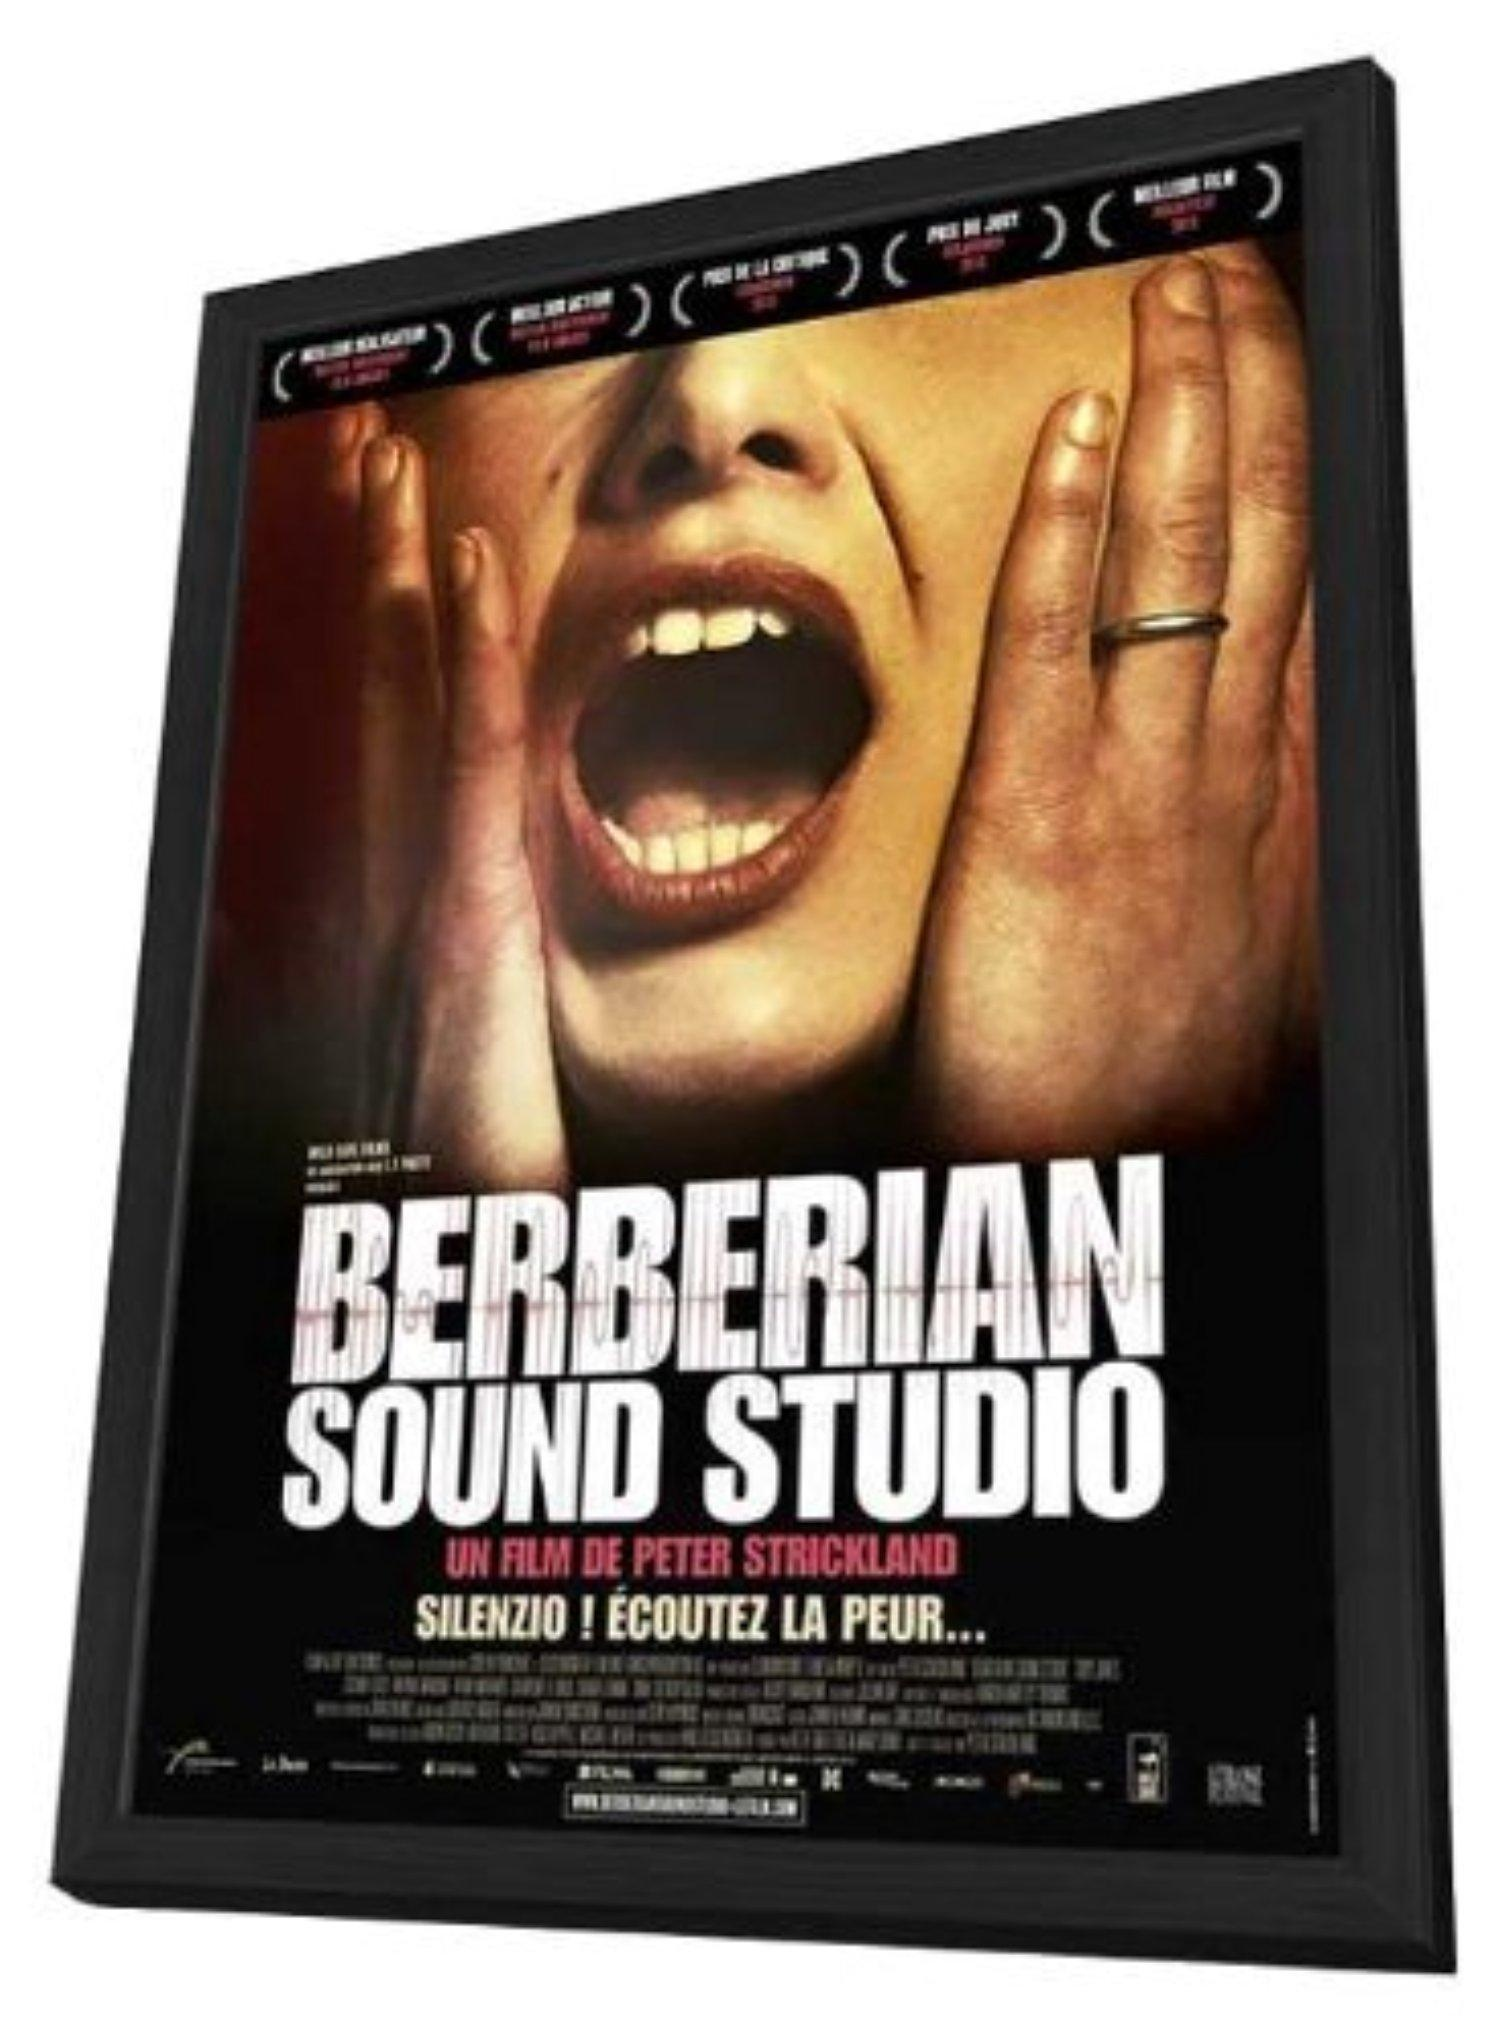 Film poster frame